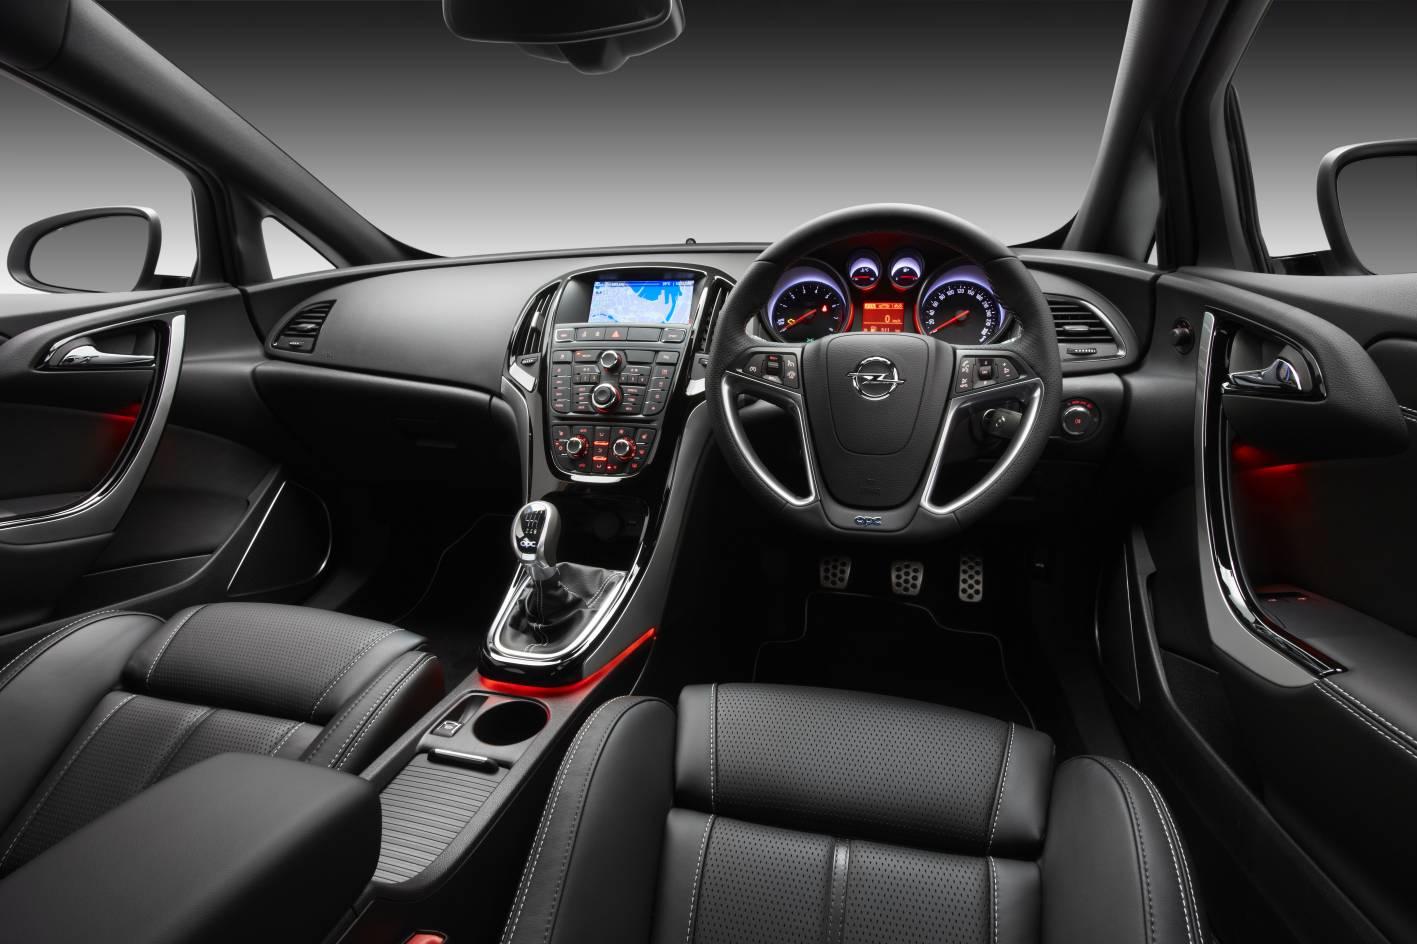 Opel Astra OPC interior - ForceGT.com